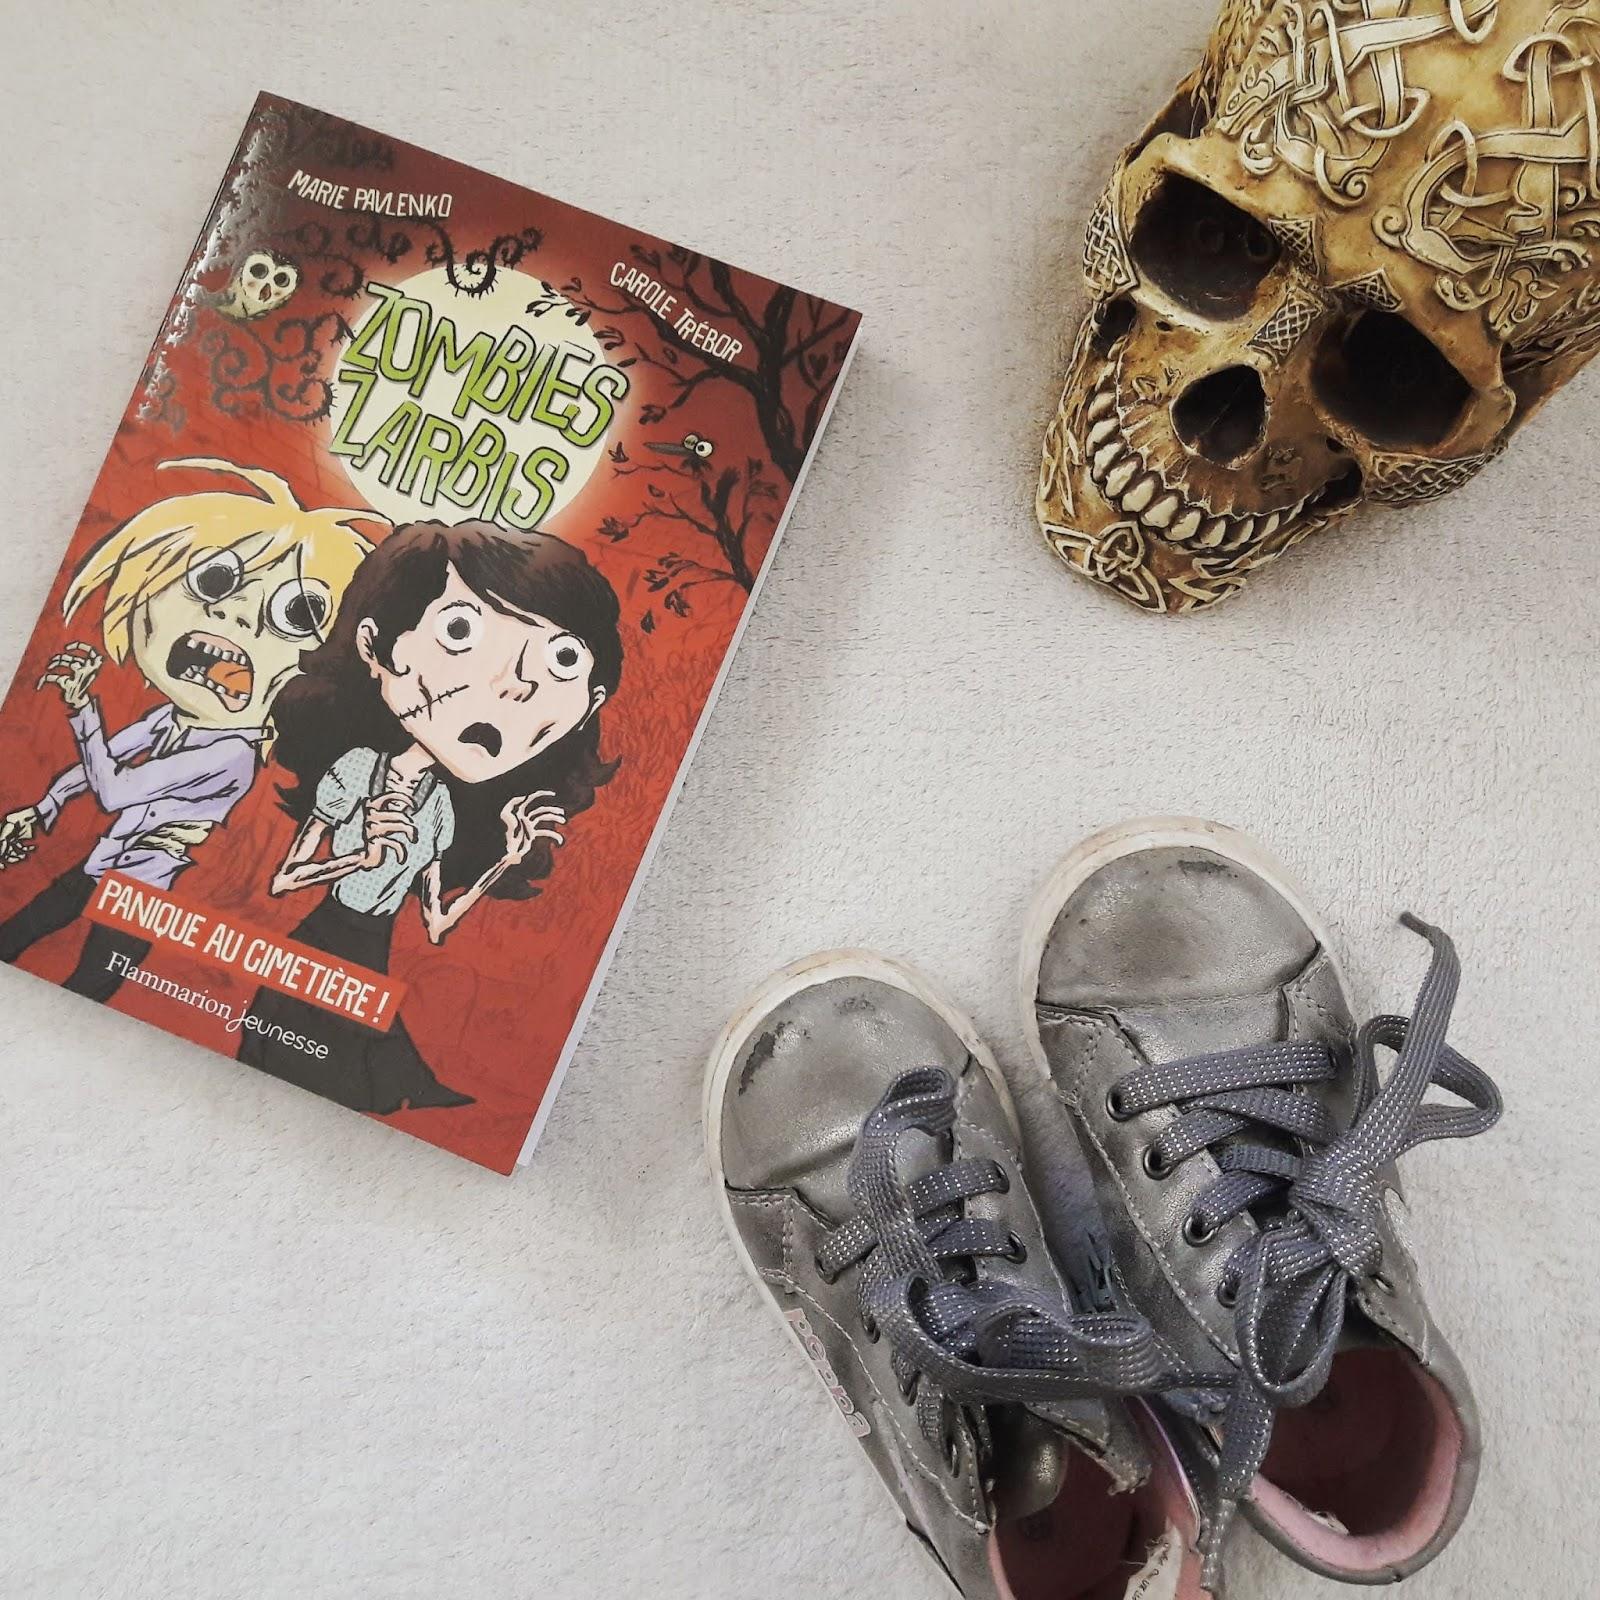 Panique au cimetière (Zombies zarbis, tome 1) de Marie Pavlenko et Carole Trébor